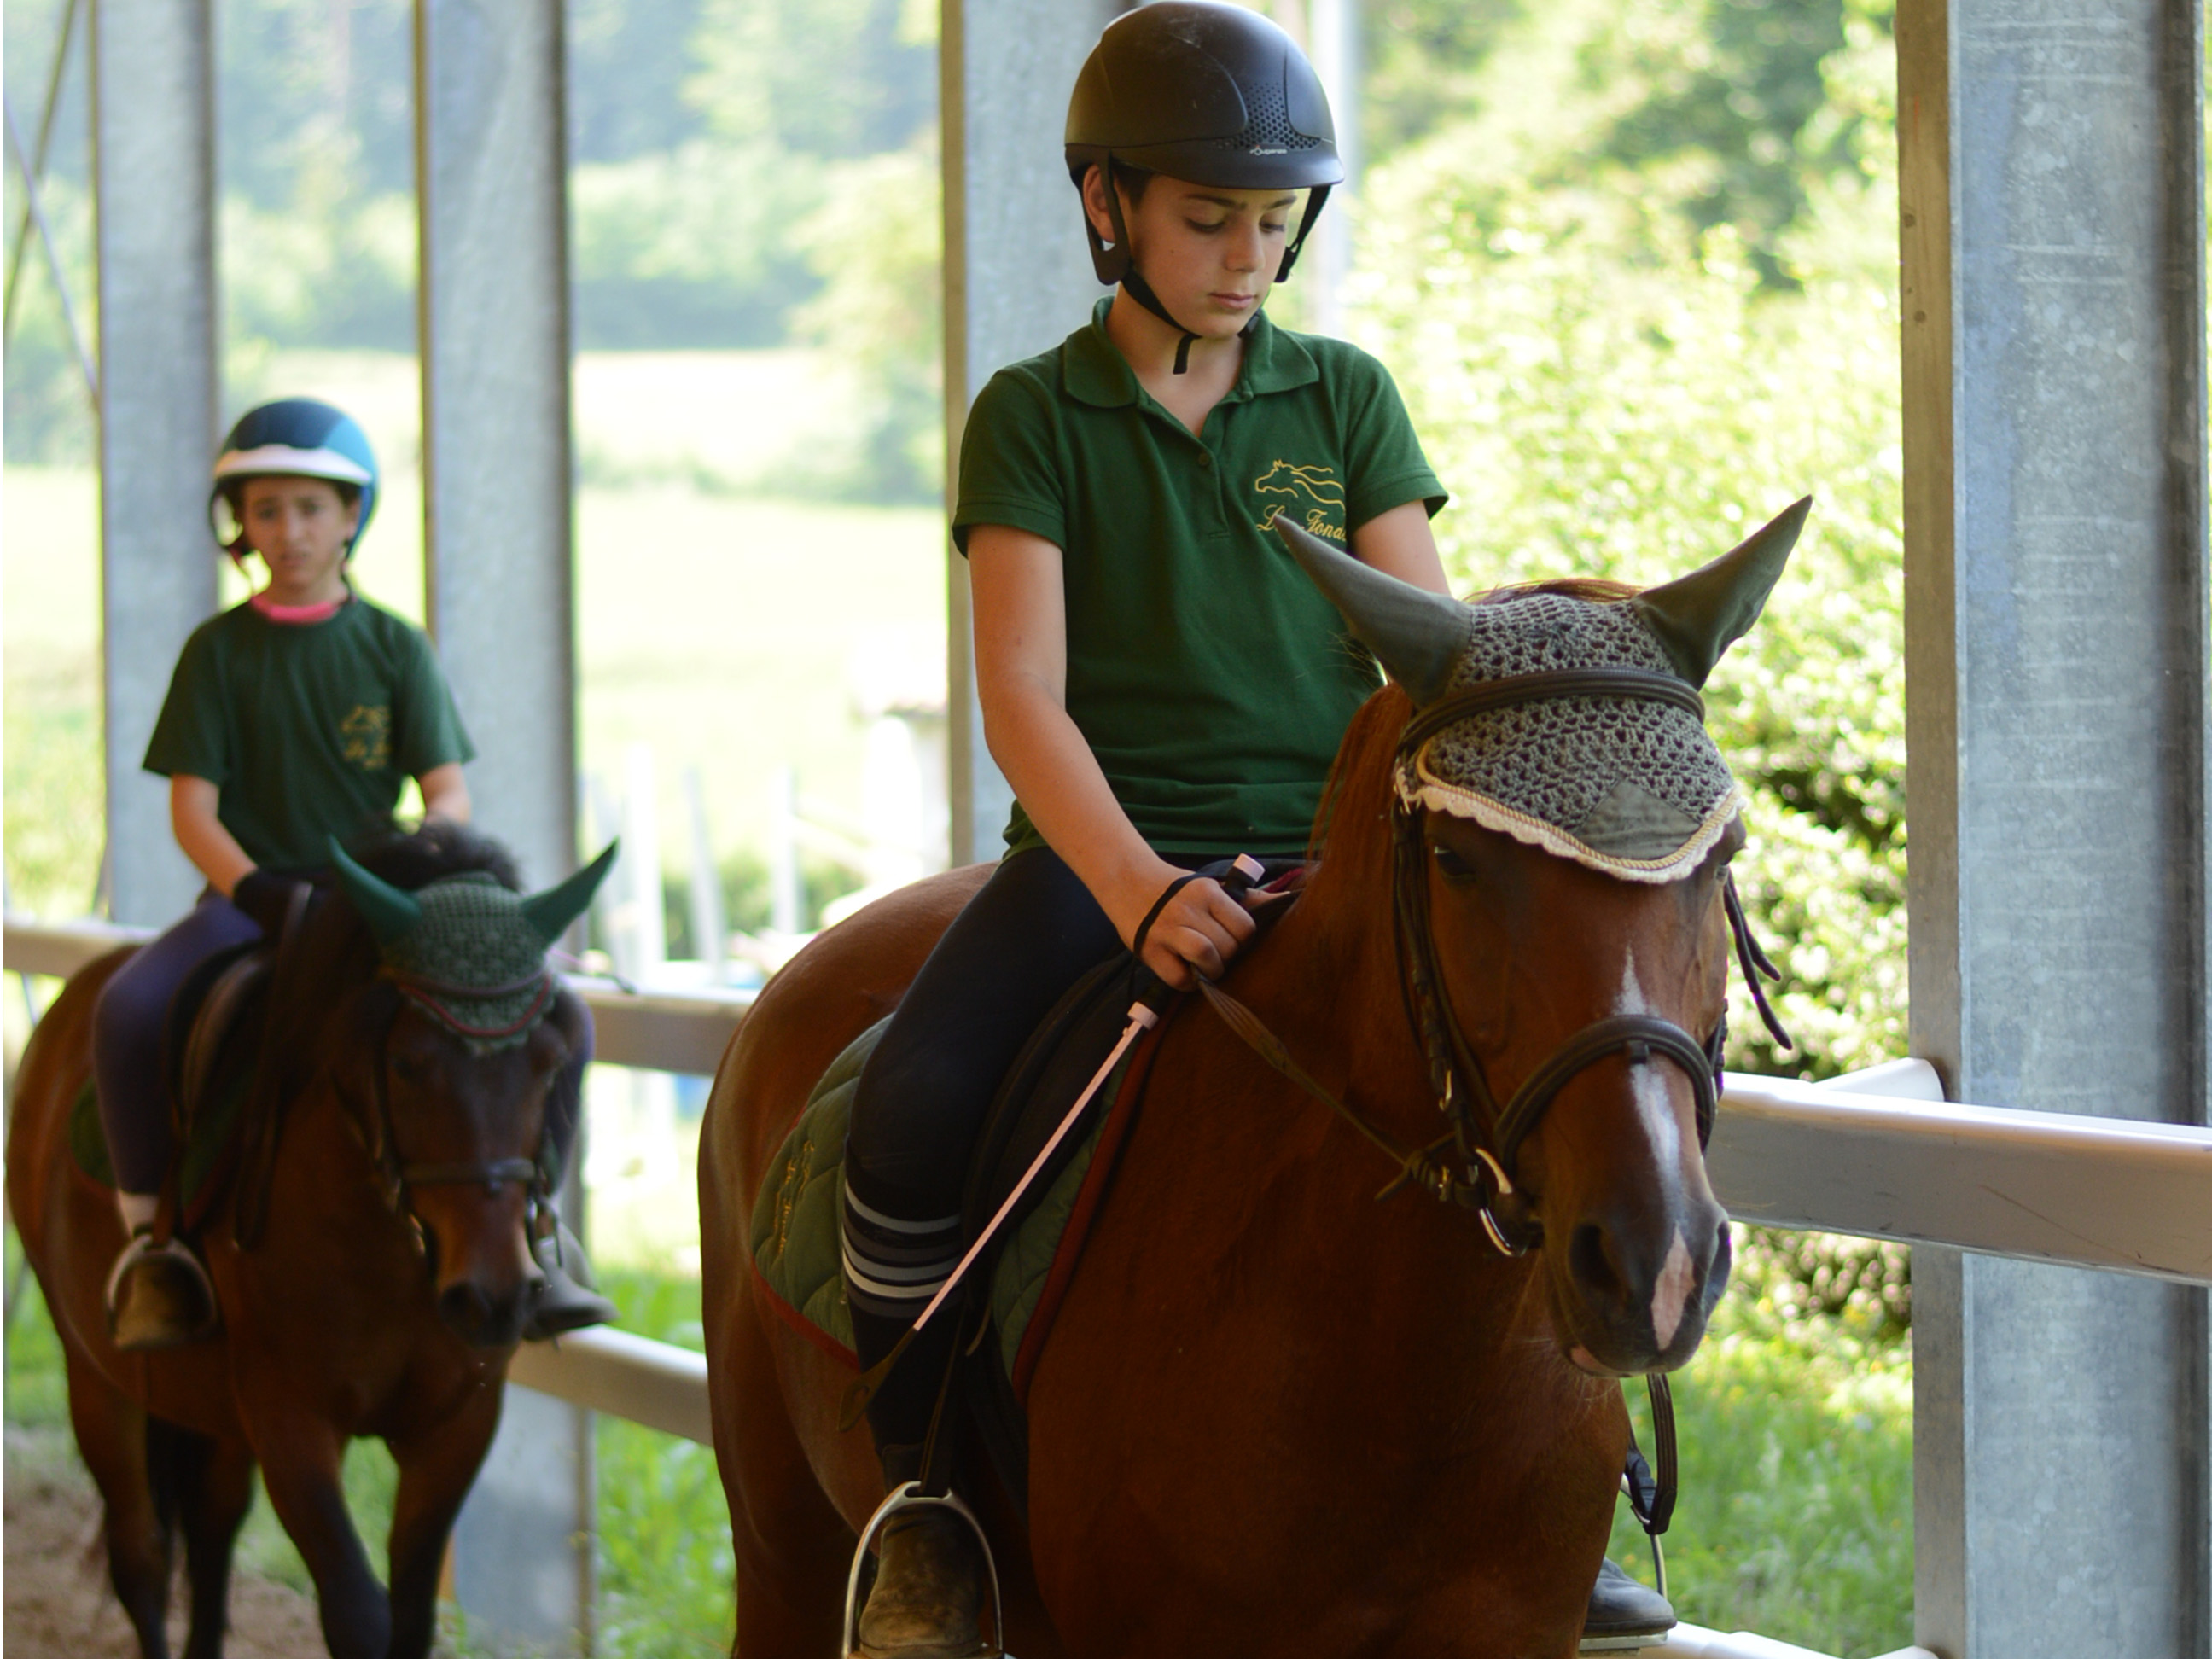 scuola_equitazione_pony_centro_ippico_la_fonda_varese_0010_351